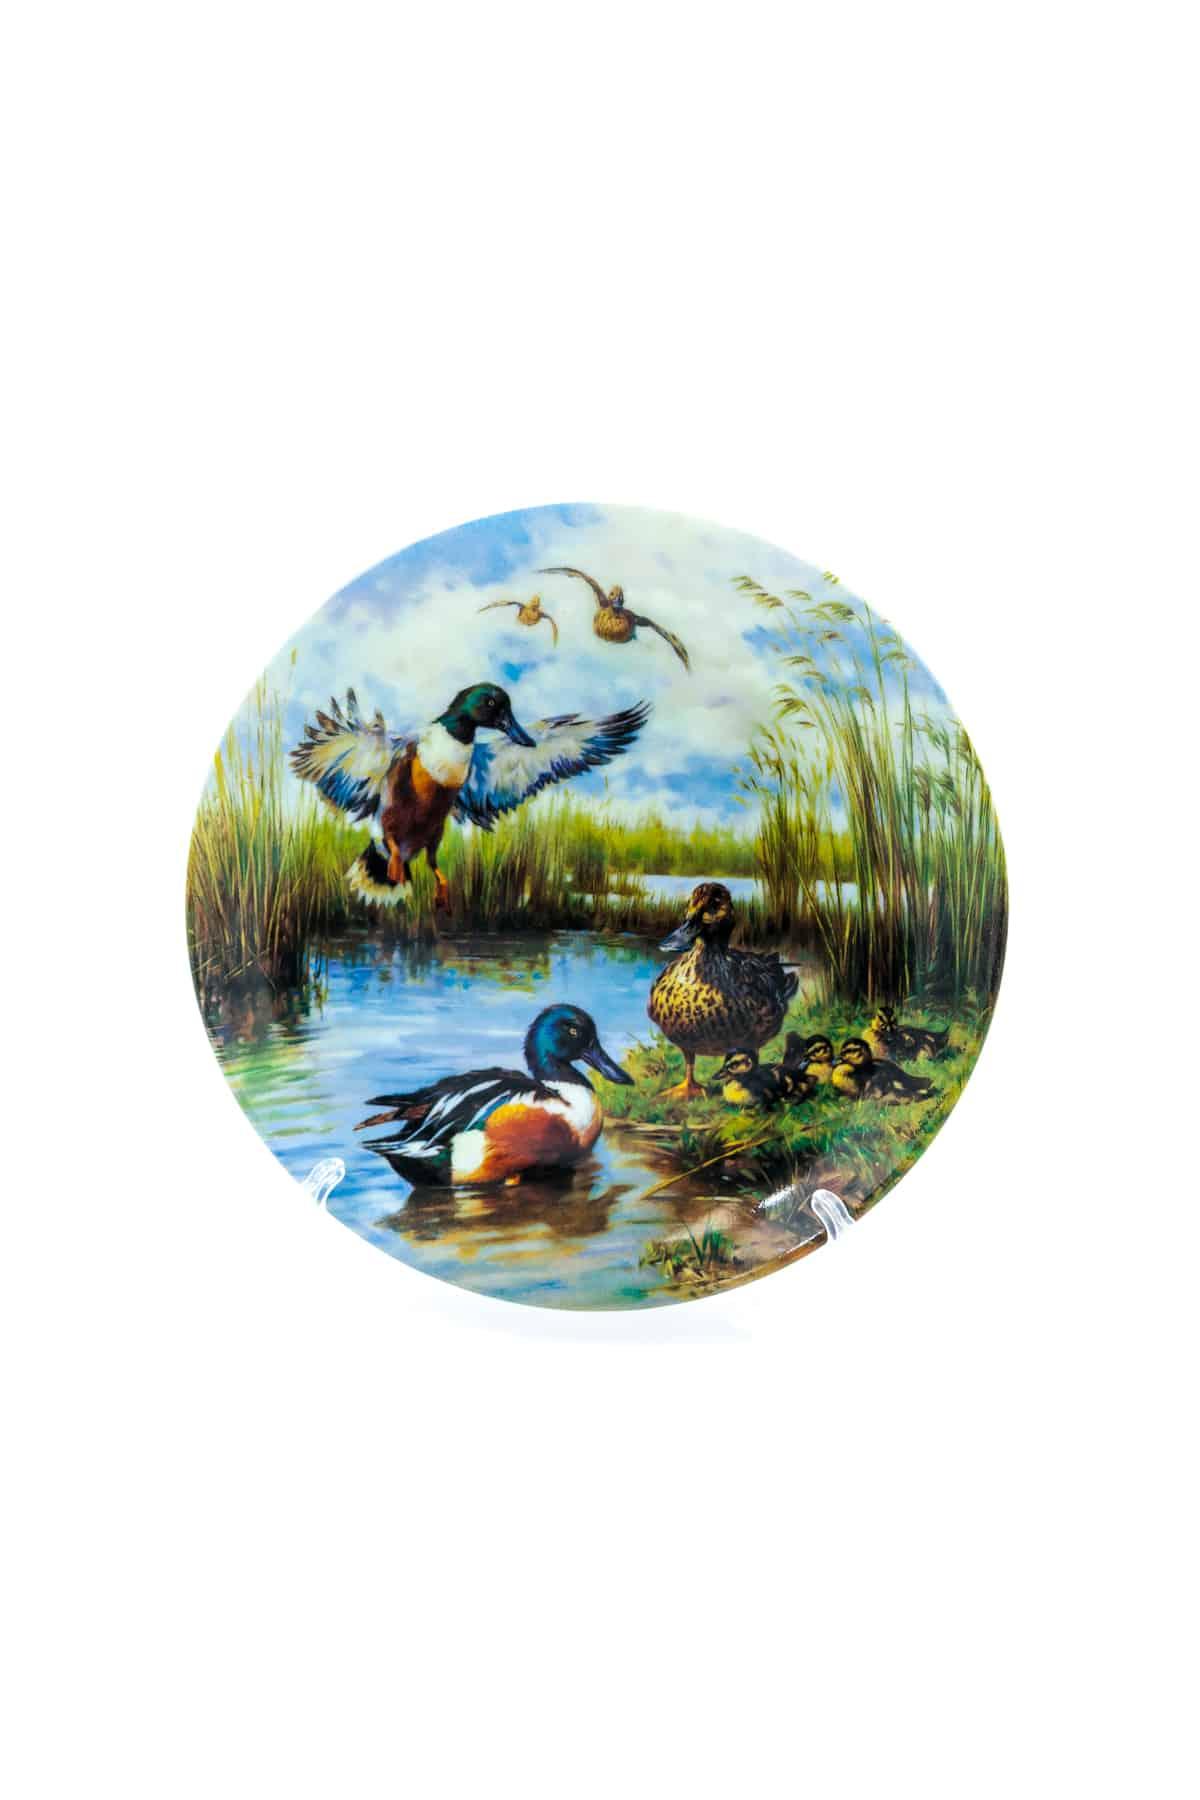 farforovaya tarelka utki na vode